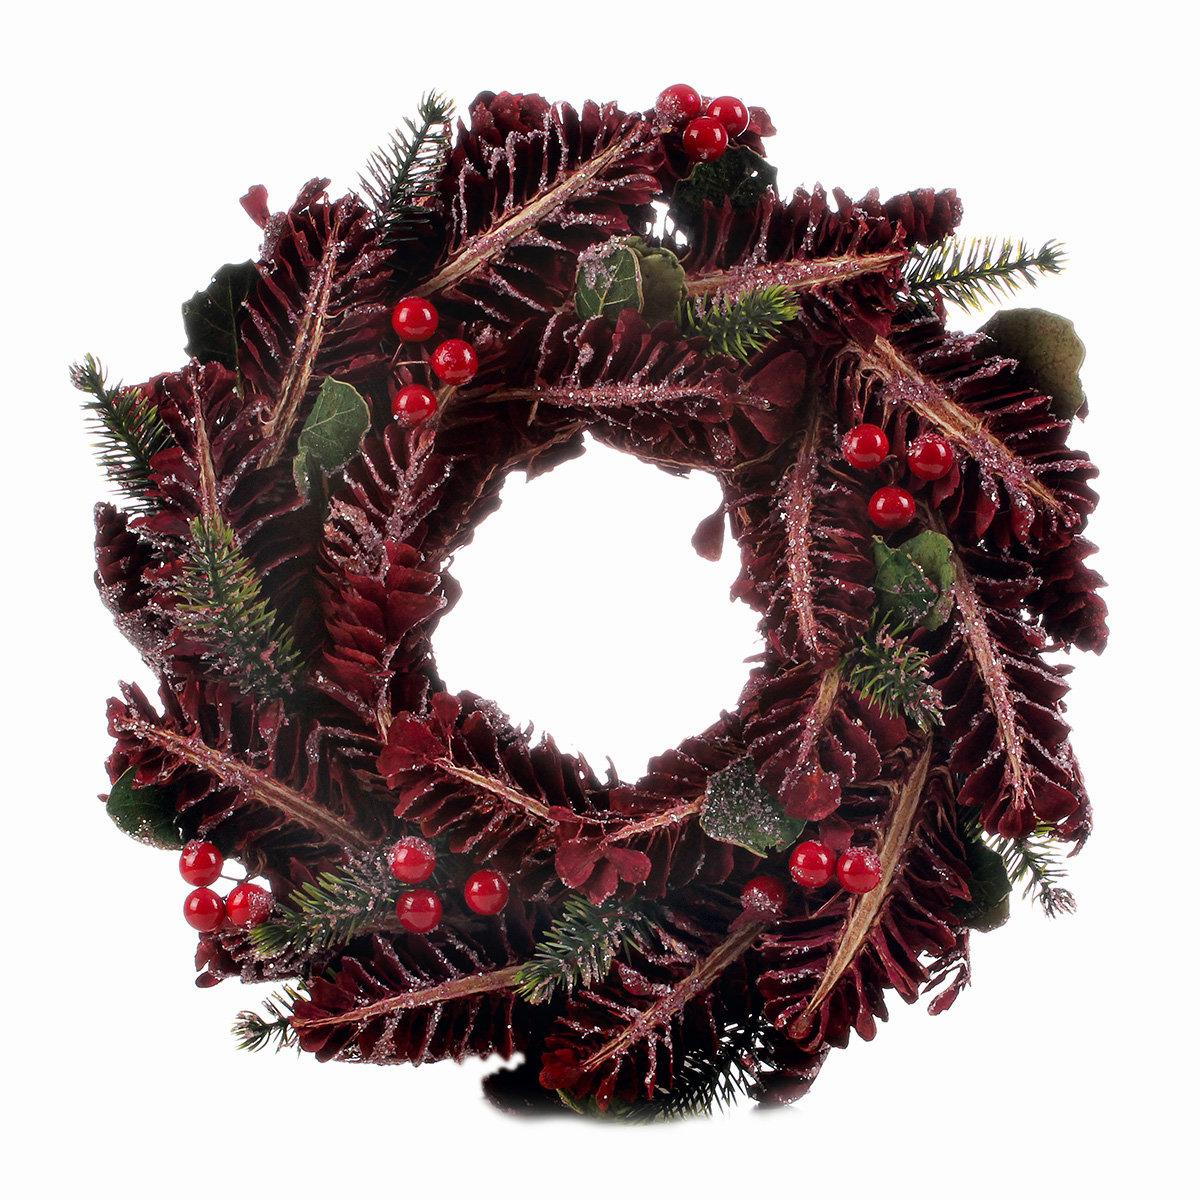 Najładniejsze gotowe wianki bożonarodzeniowe. Dekoracje świąteczne